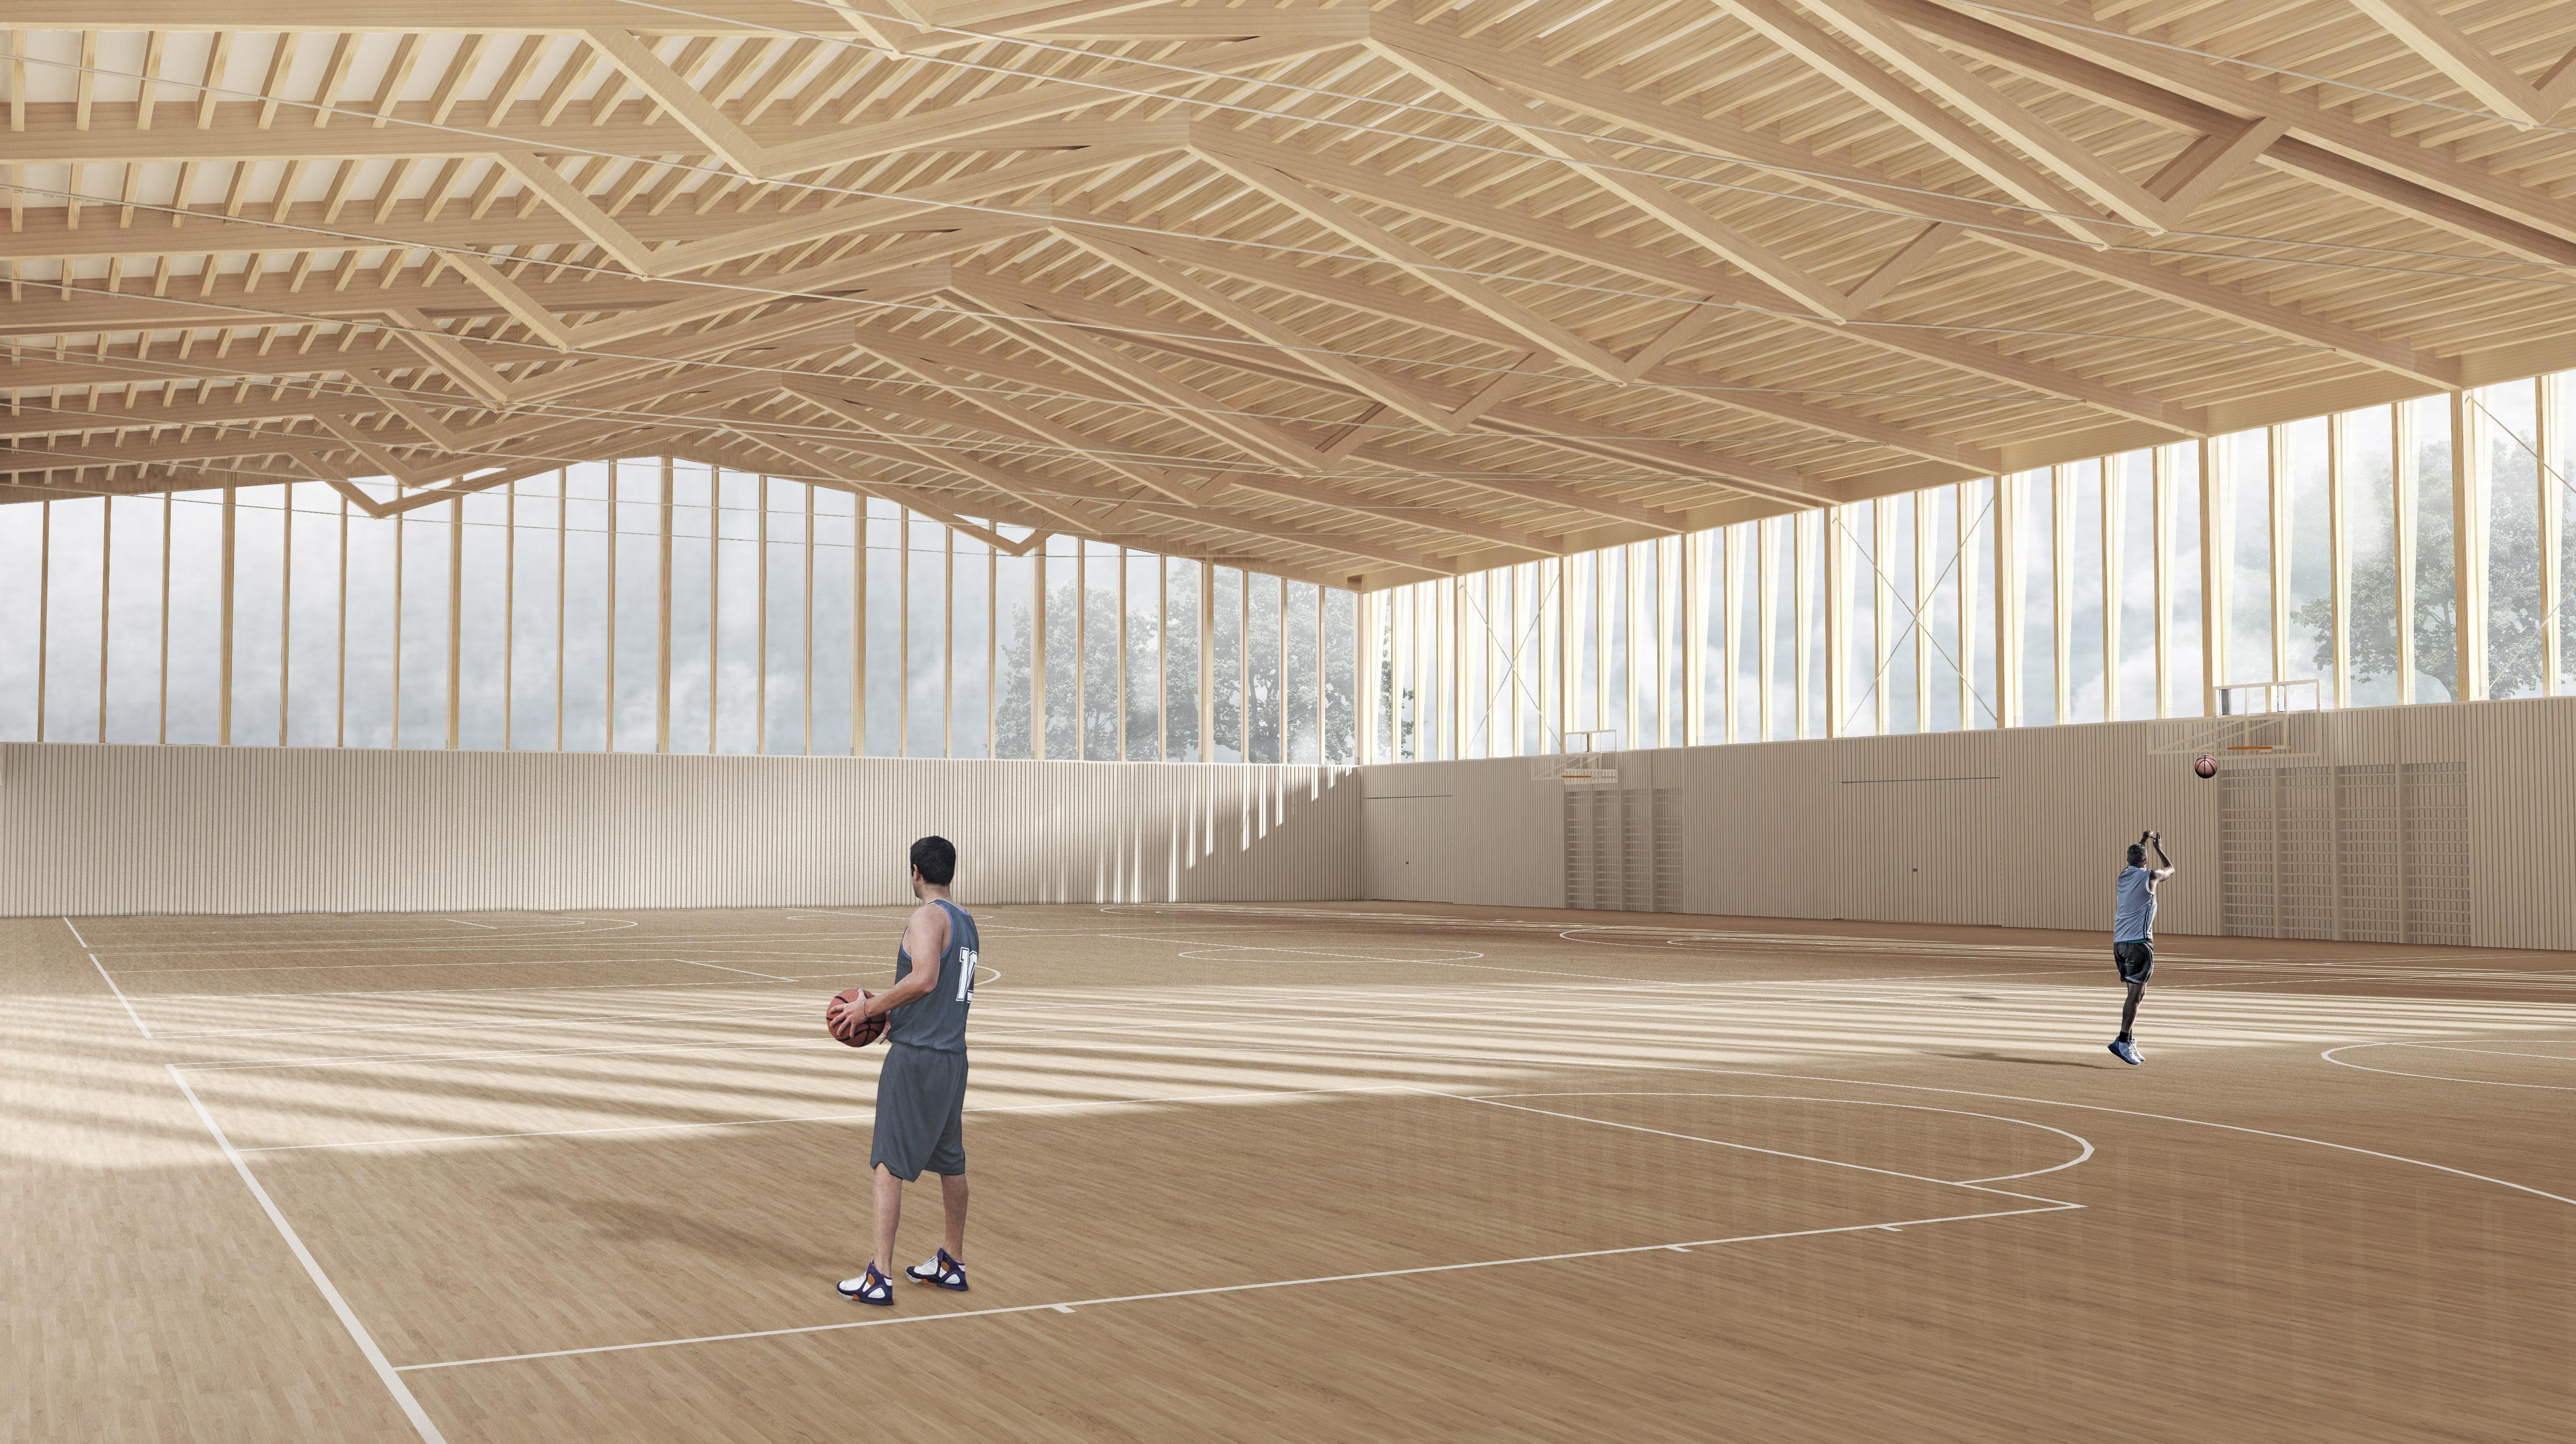 STUDIO CORNEL STAEHELI  Dreifachsporthalle mit Feuerwehrstützpunkt und Zivilschutzanlage Beromünster Turnhalle Holz